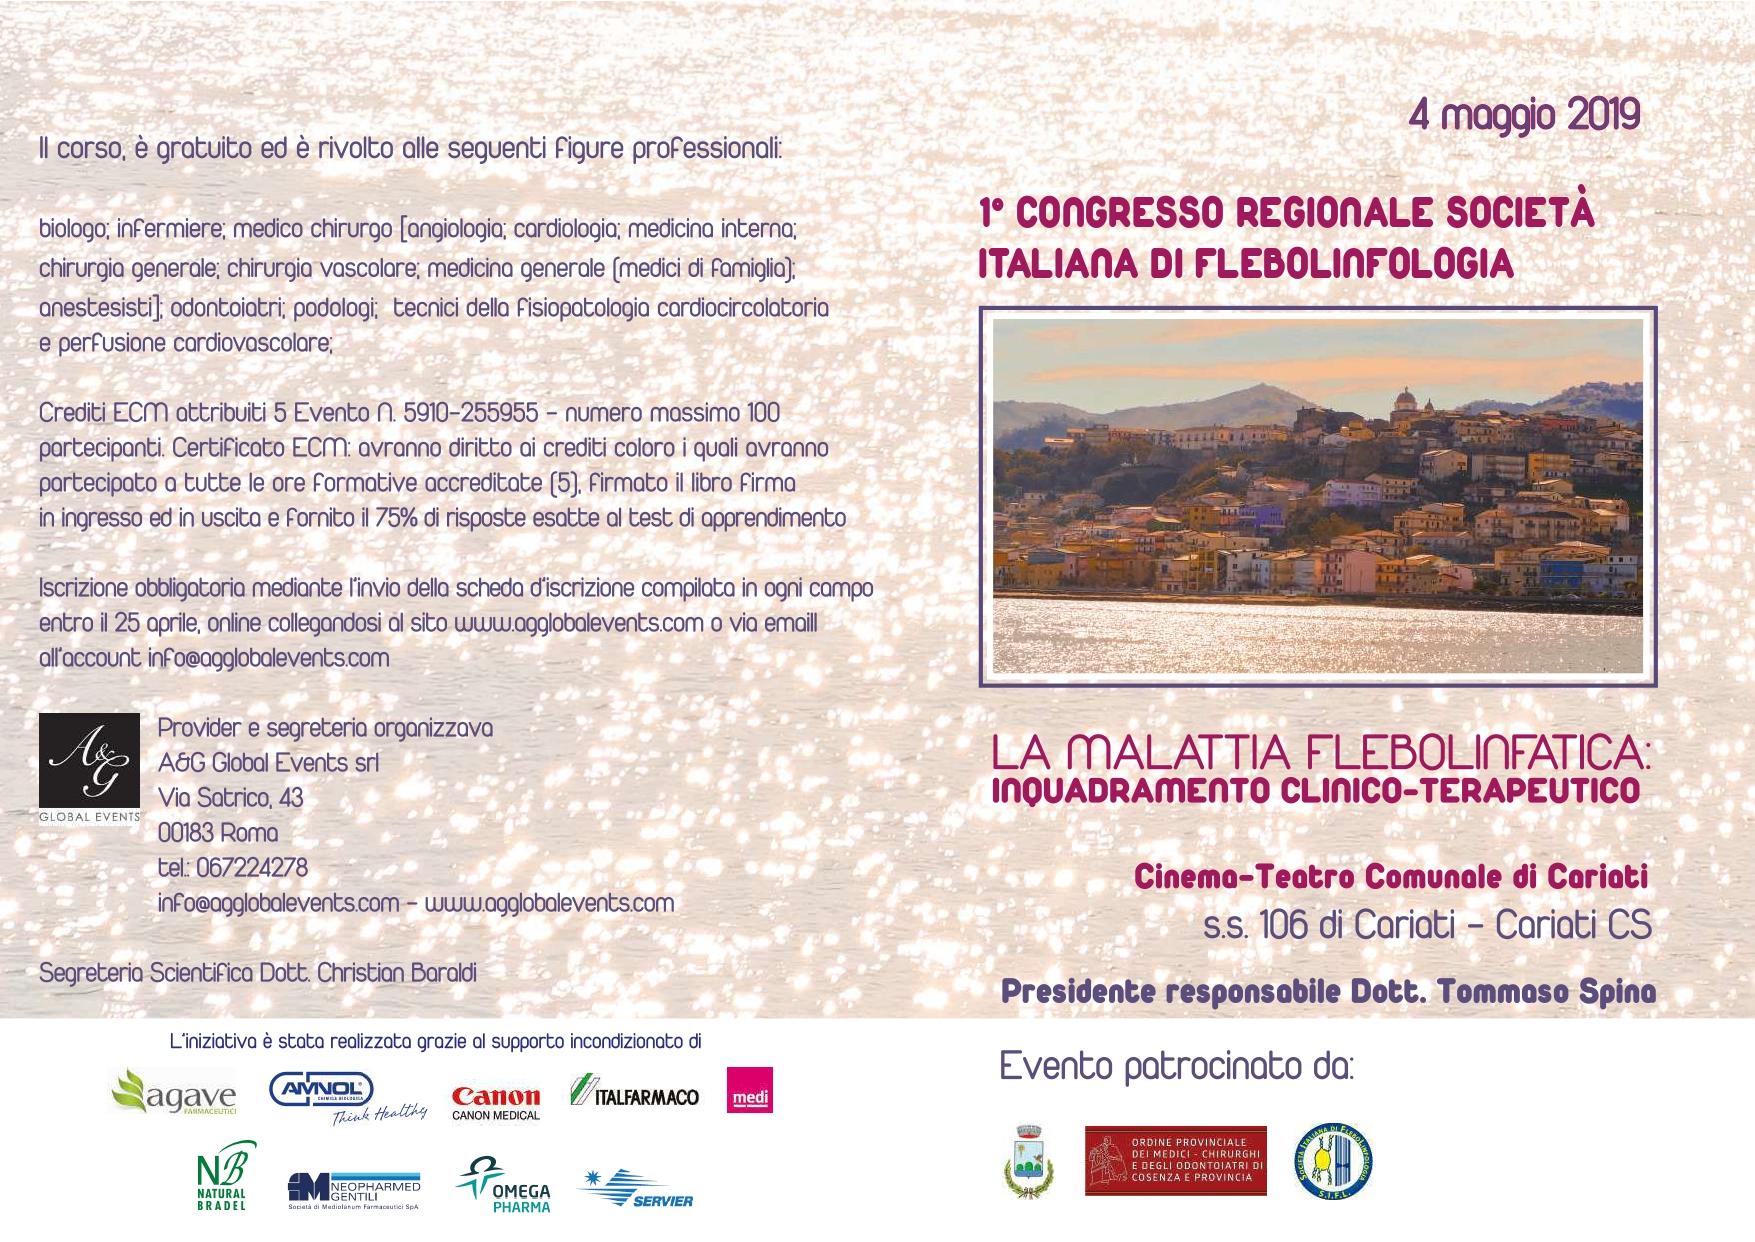 1° CONGRESSO REGIONALE SOCIETÀ ITALIANA DI FLEBOLINFOLOGIA